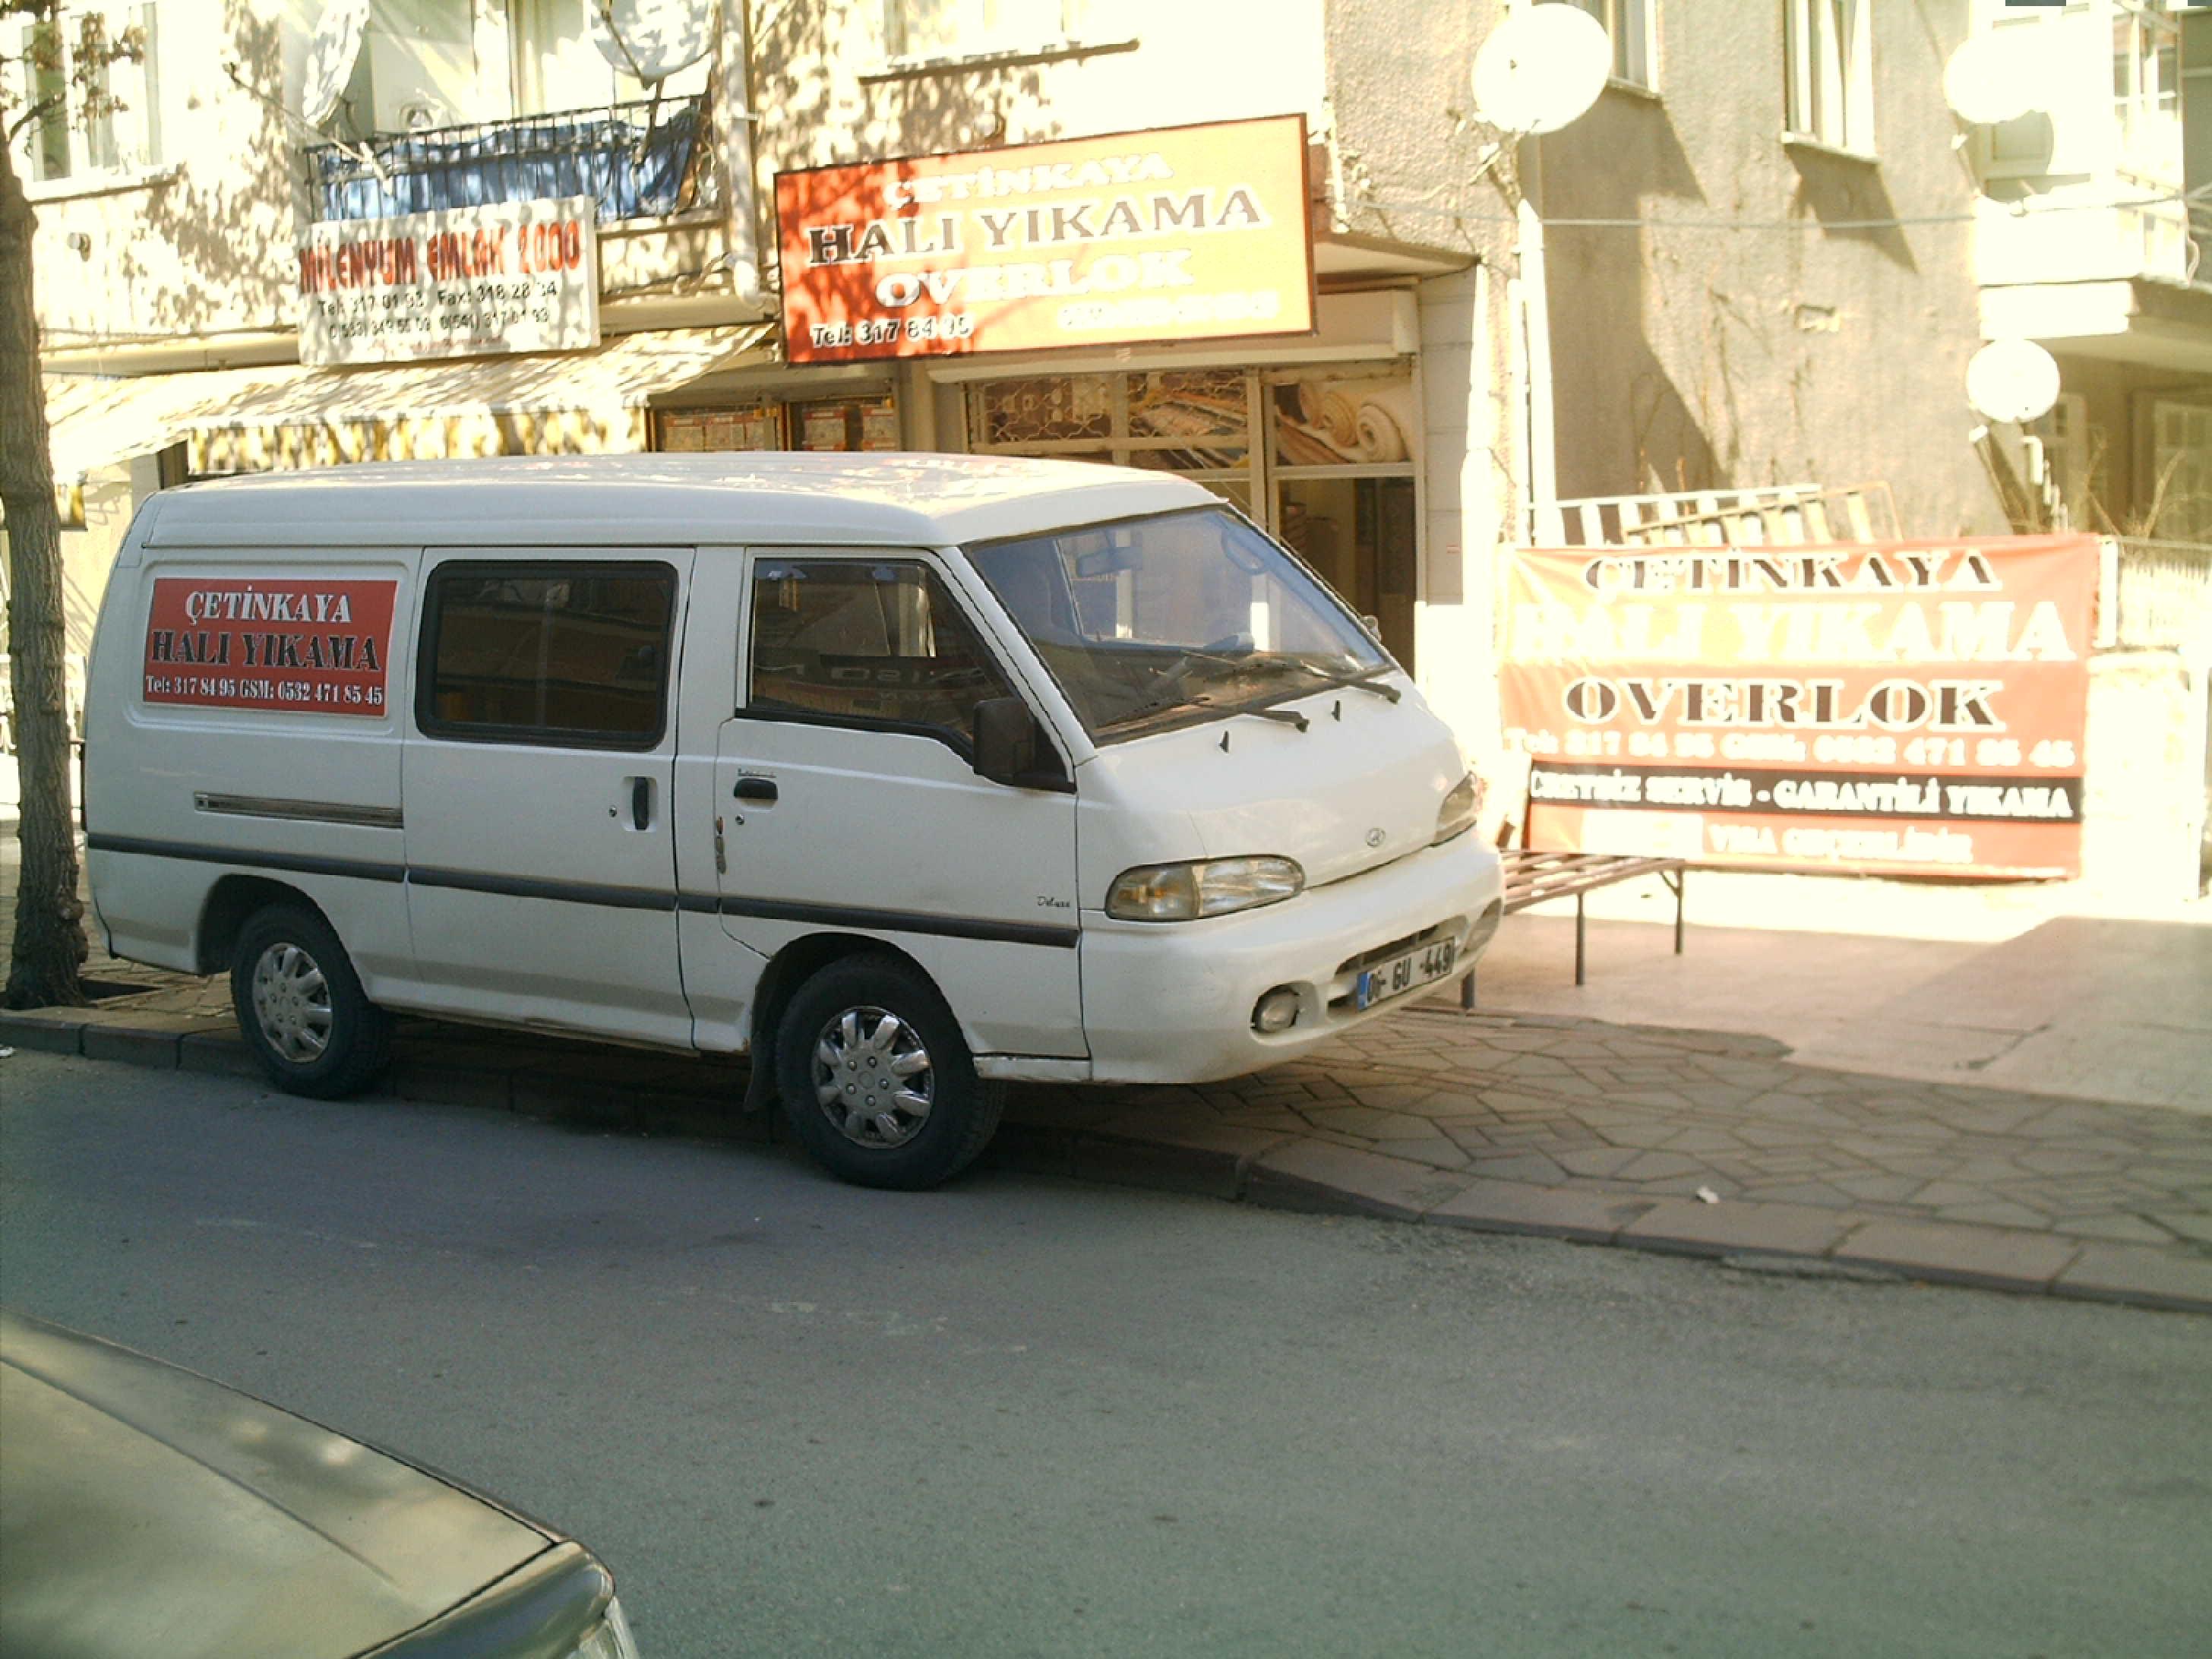 basak_hali_yikama_servis-1